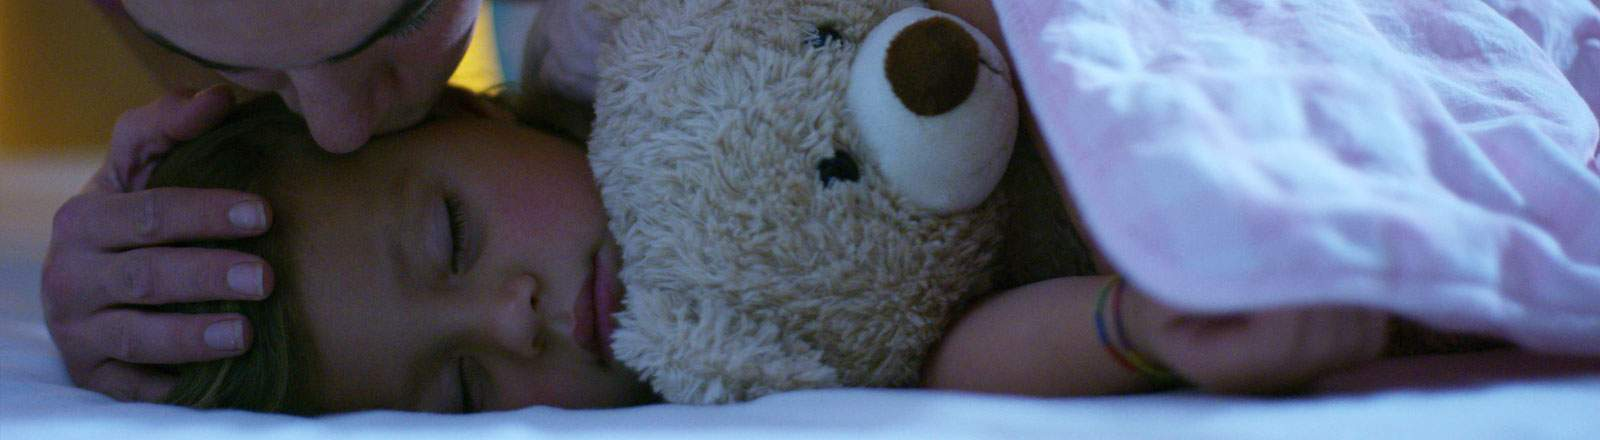 Alivio Nocturno para la Tos y los Resfriados Infantiles con Equinácea como complemento inmunológico